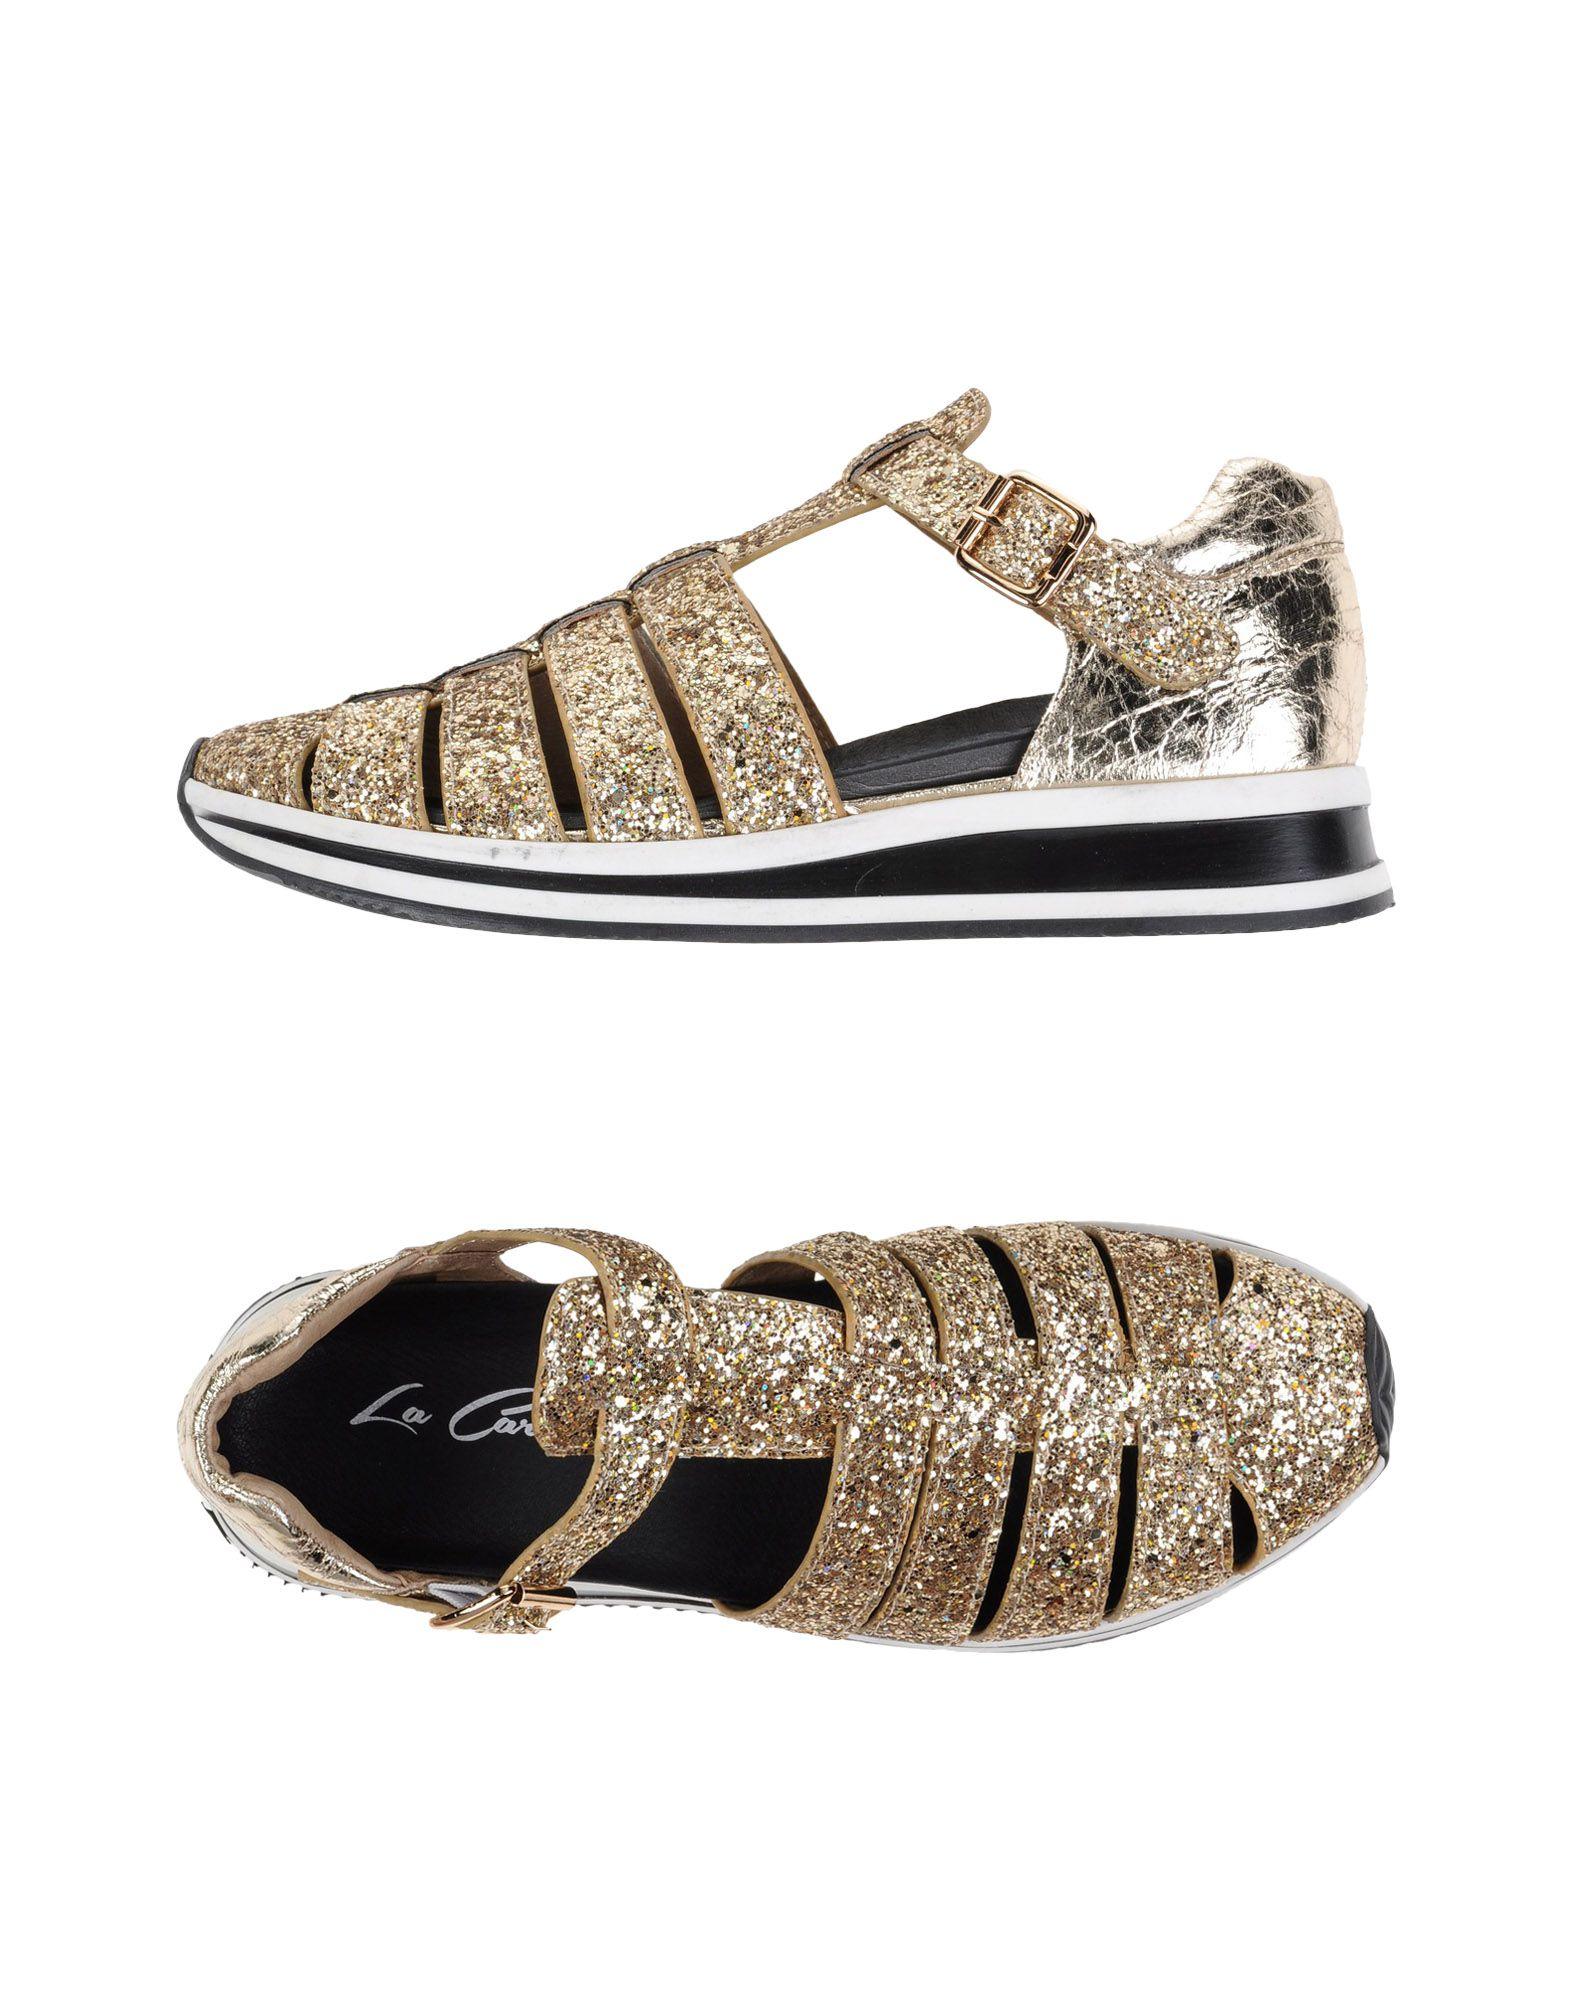 La Carrie Sandalen Damen  11126323OS Gute Qualität beliebte Schuhe